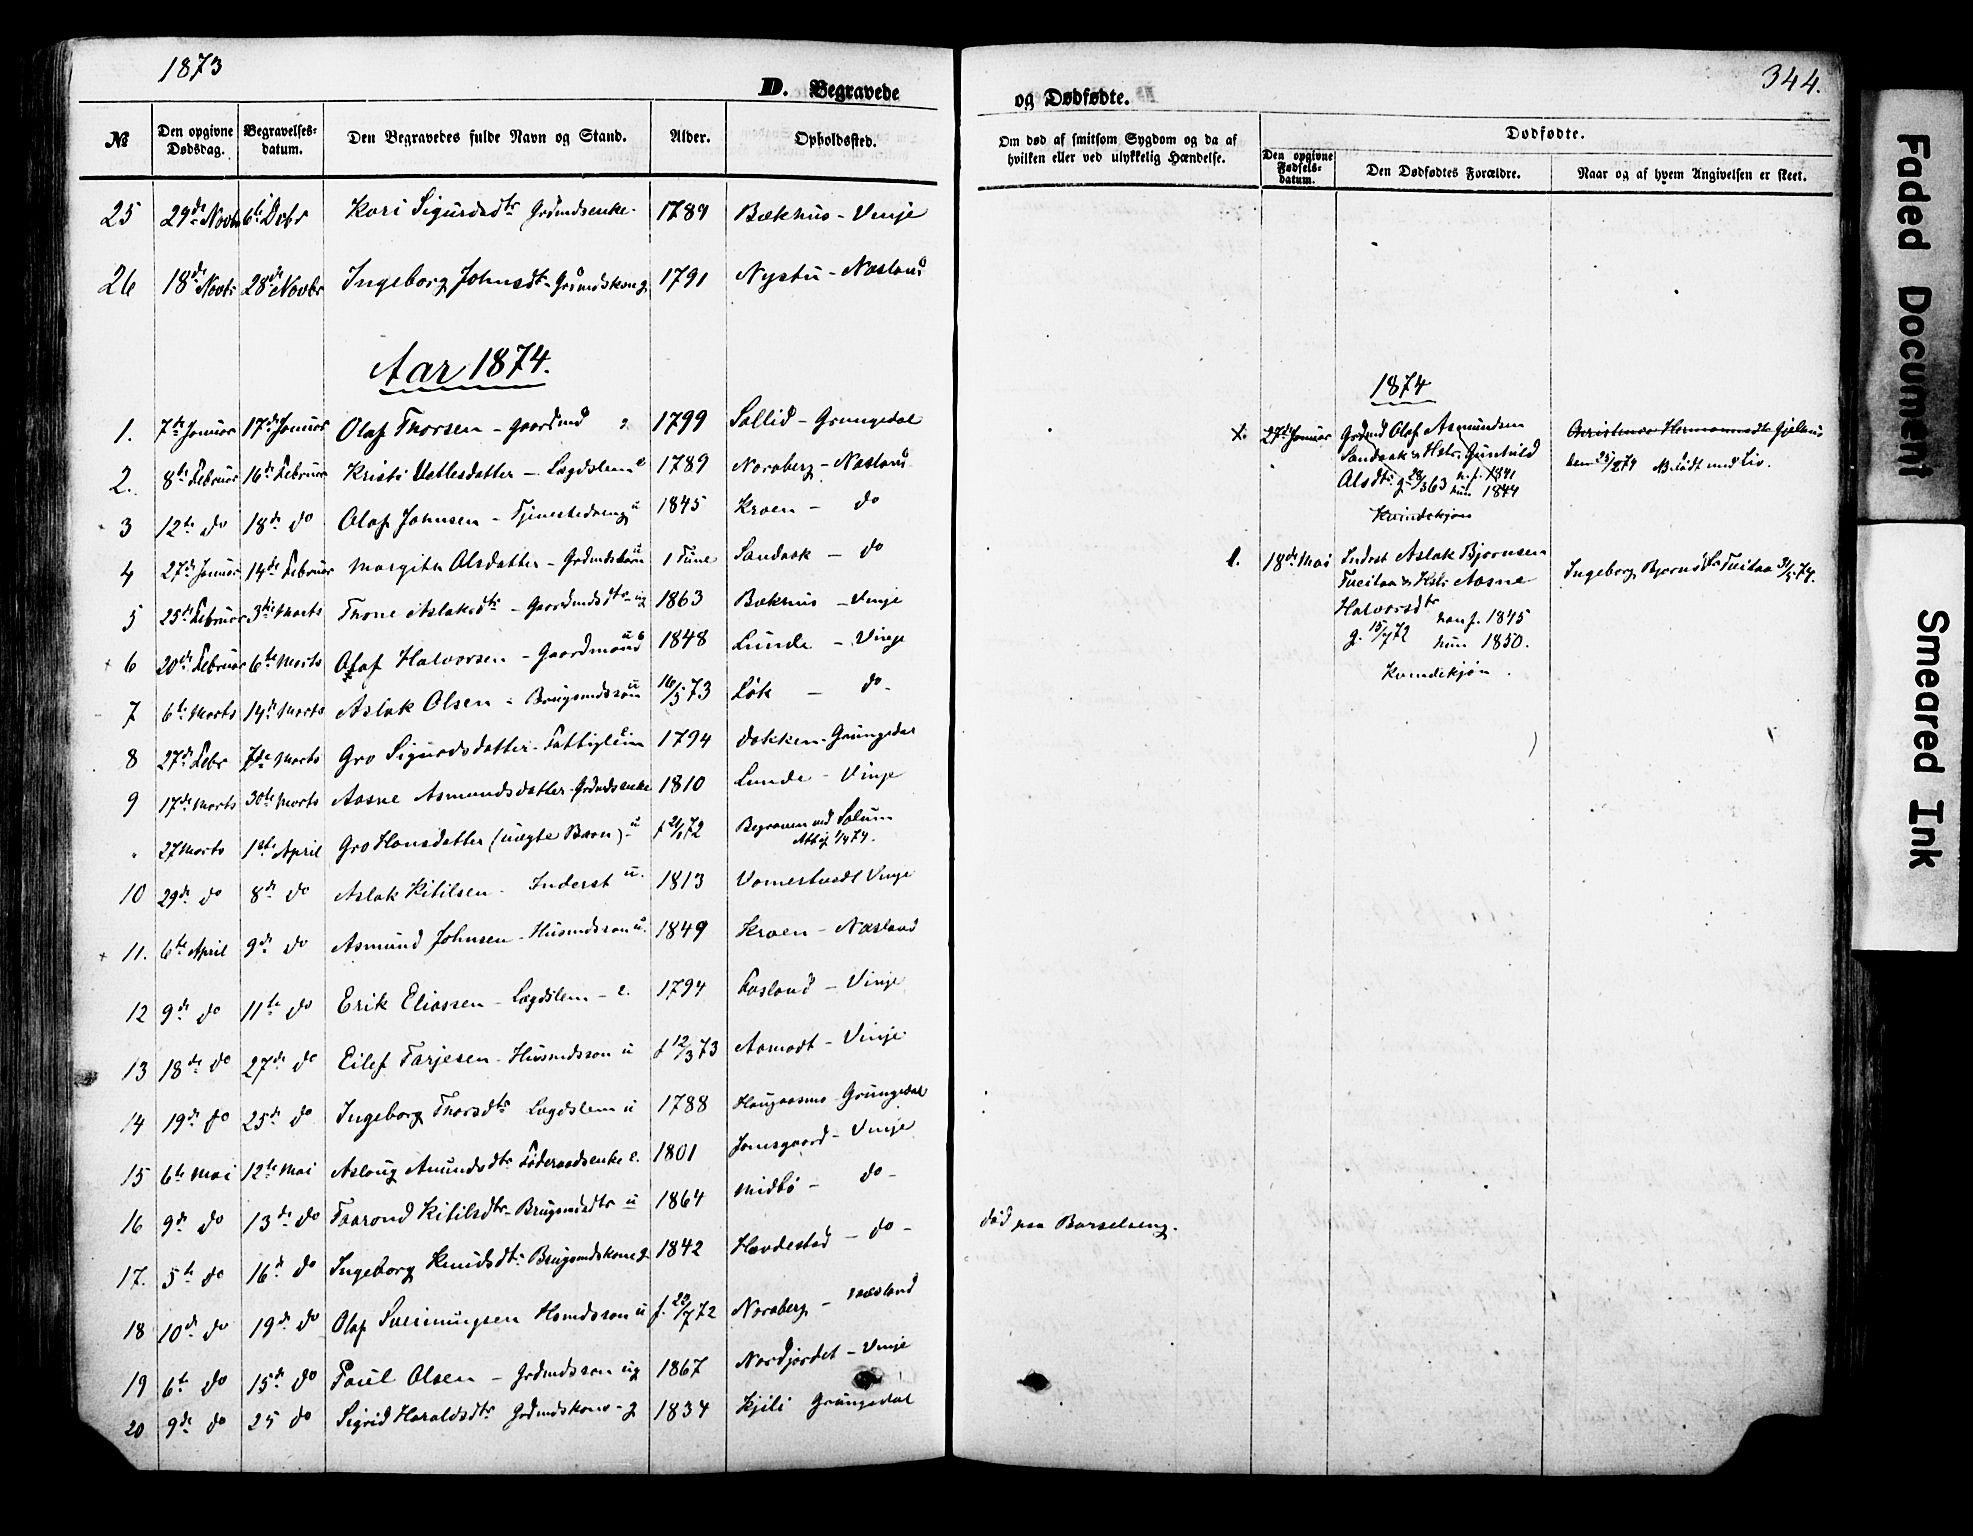 SAKO, Vinje kirkebøker, F/Fa/L0005: Ministerialbok nr. I 5, 1870-1886, s. 344